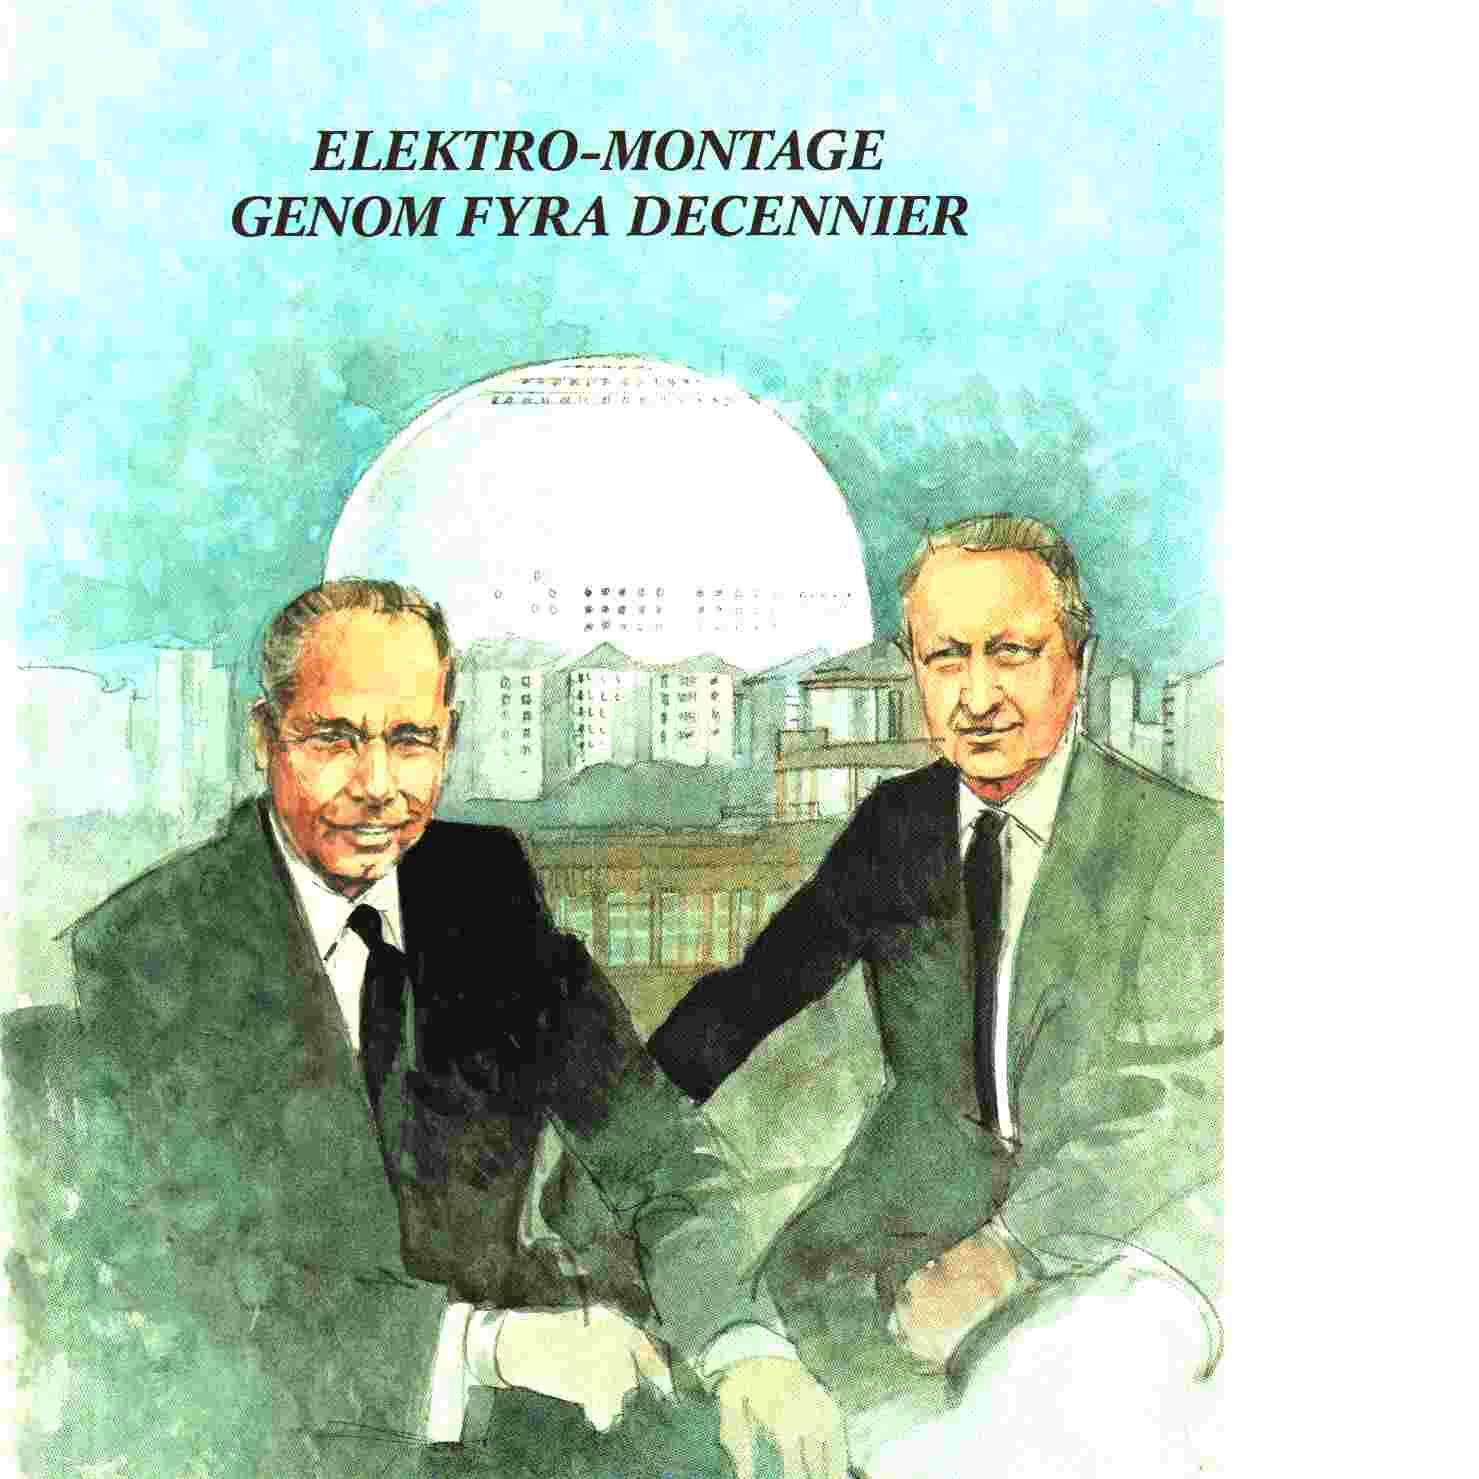 Elektro-montage genom fyra decennier / återberättat av Hans Hollander - Hollander, Hans